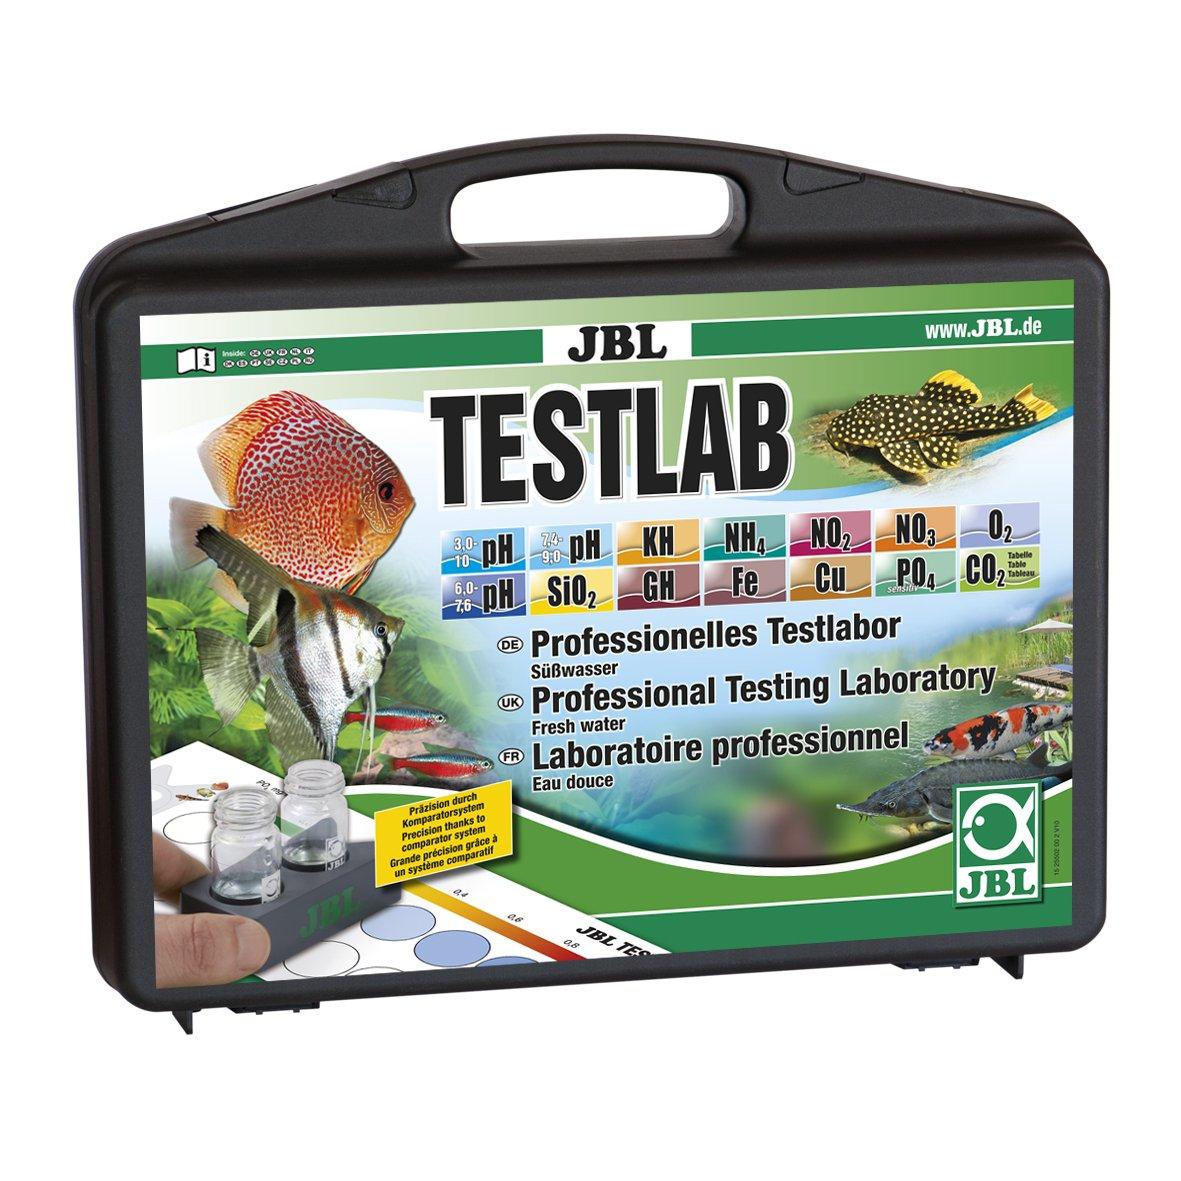 JBL Testkoffer con 12 Pruebas para la Análisis de agua dulce, Laboratorio de prueba 25502: Amazon.es: Productos para mascotas